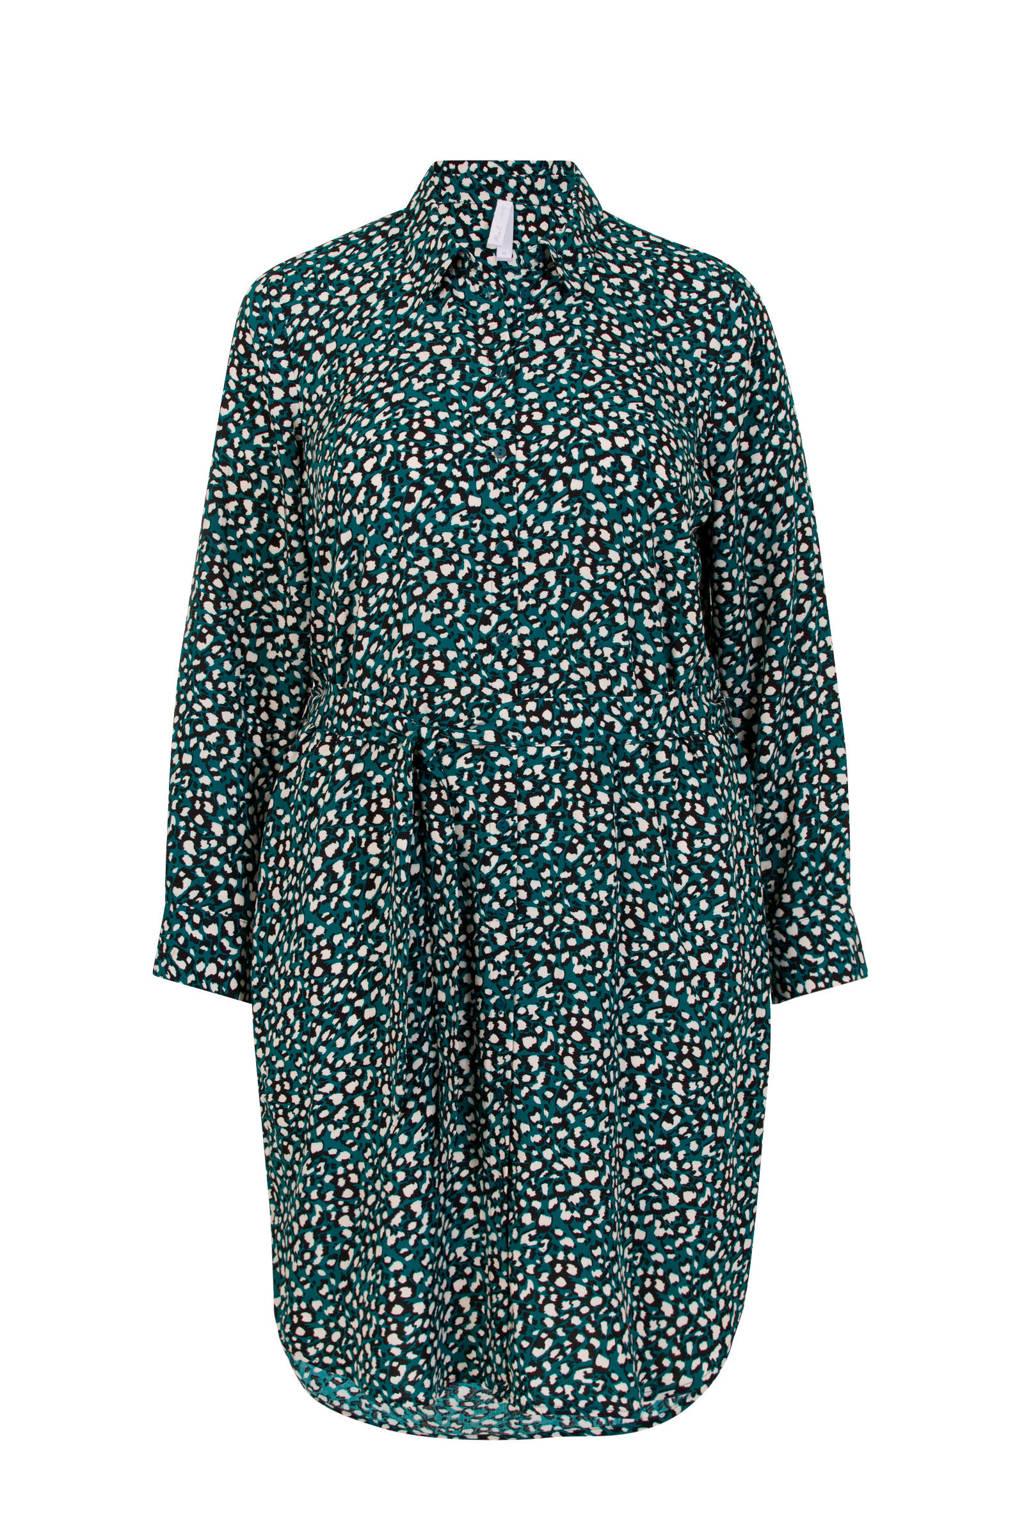 Miss Etam Plus blousejurk met panterprint en ceintuur groen/beige/zwart